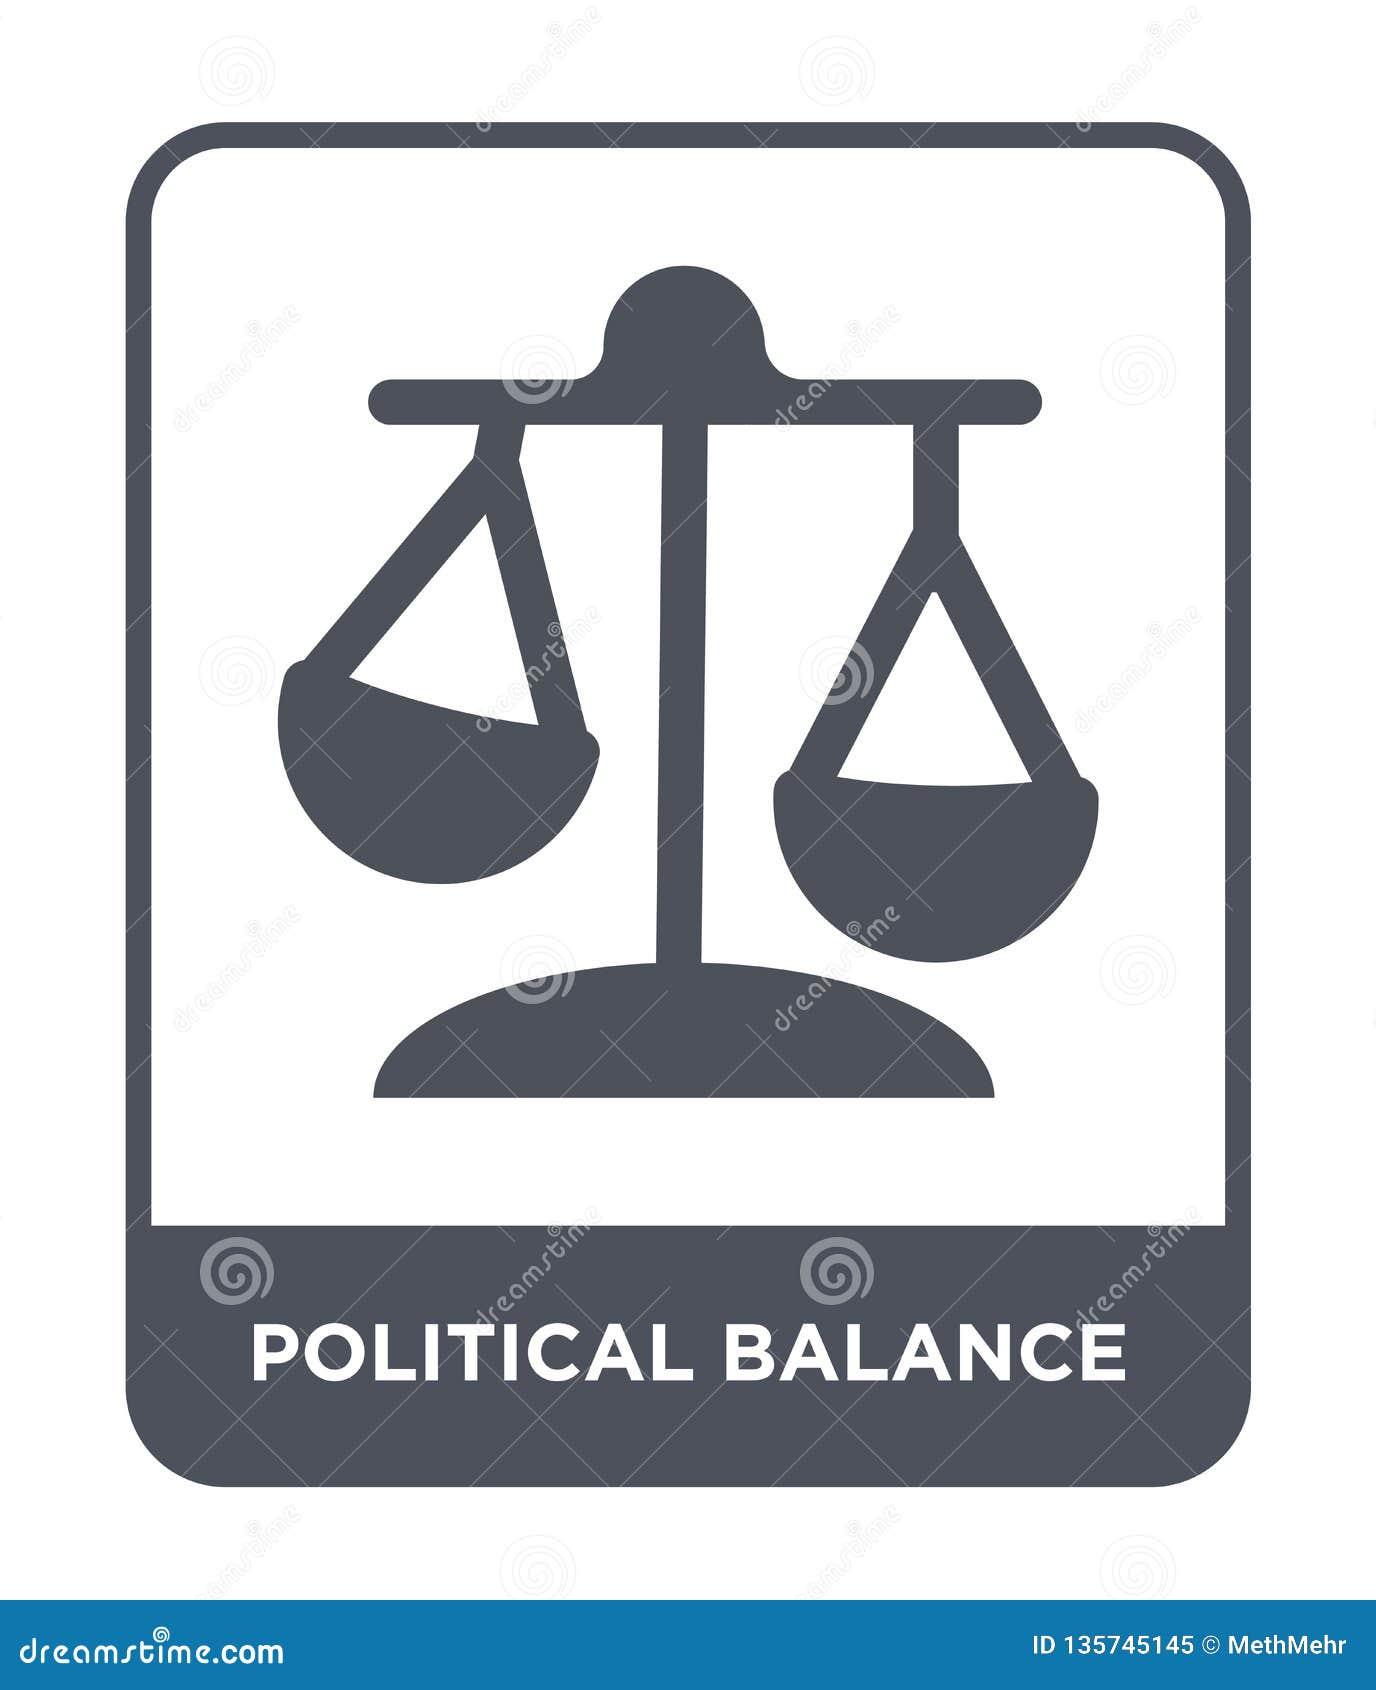 πολιτικό εικονίδιο ισορροπίας στο καθιερώνον τη μόδα ύφος σχεδίου πολιτικό εικονίδιο ισορροπίας που απομονώνεται στο άσπρο υπόβαθ